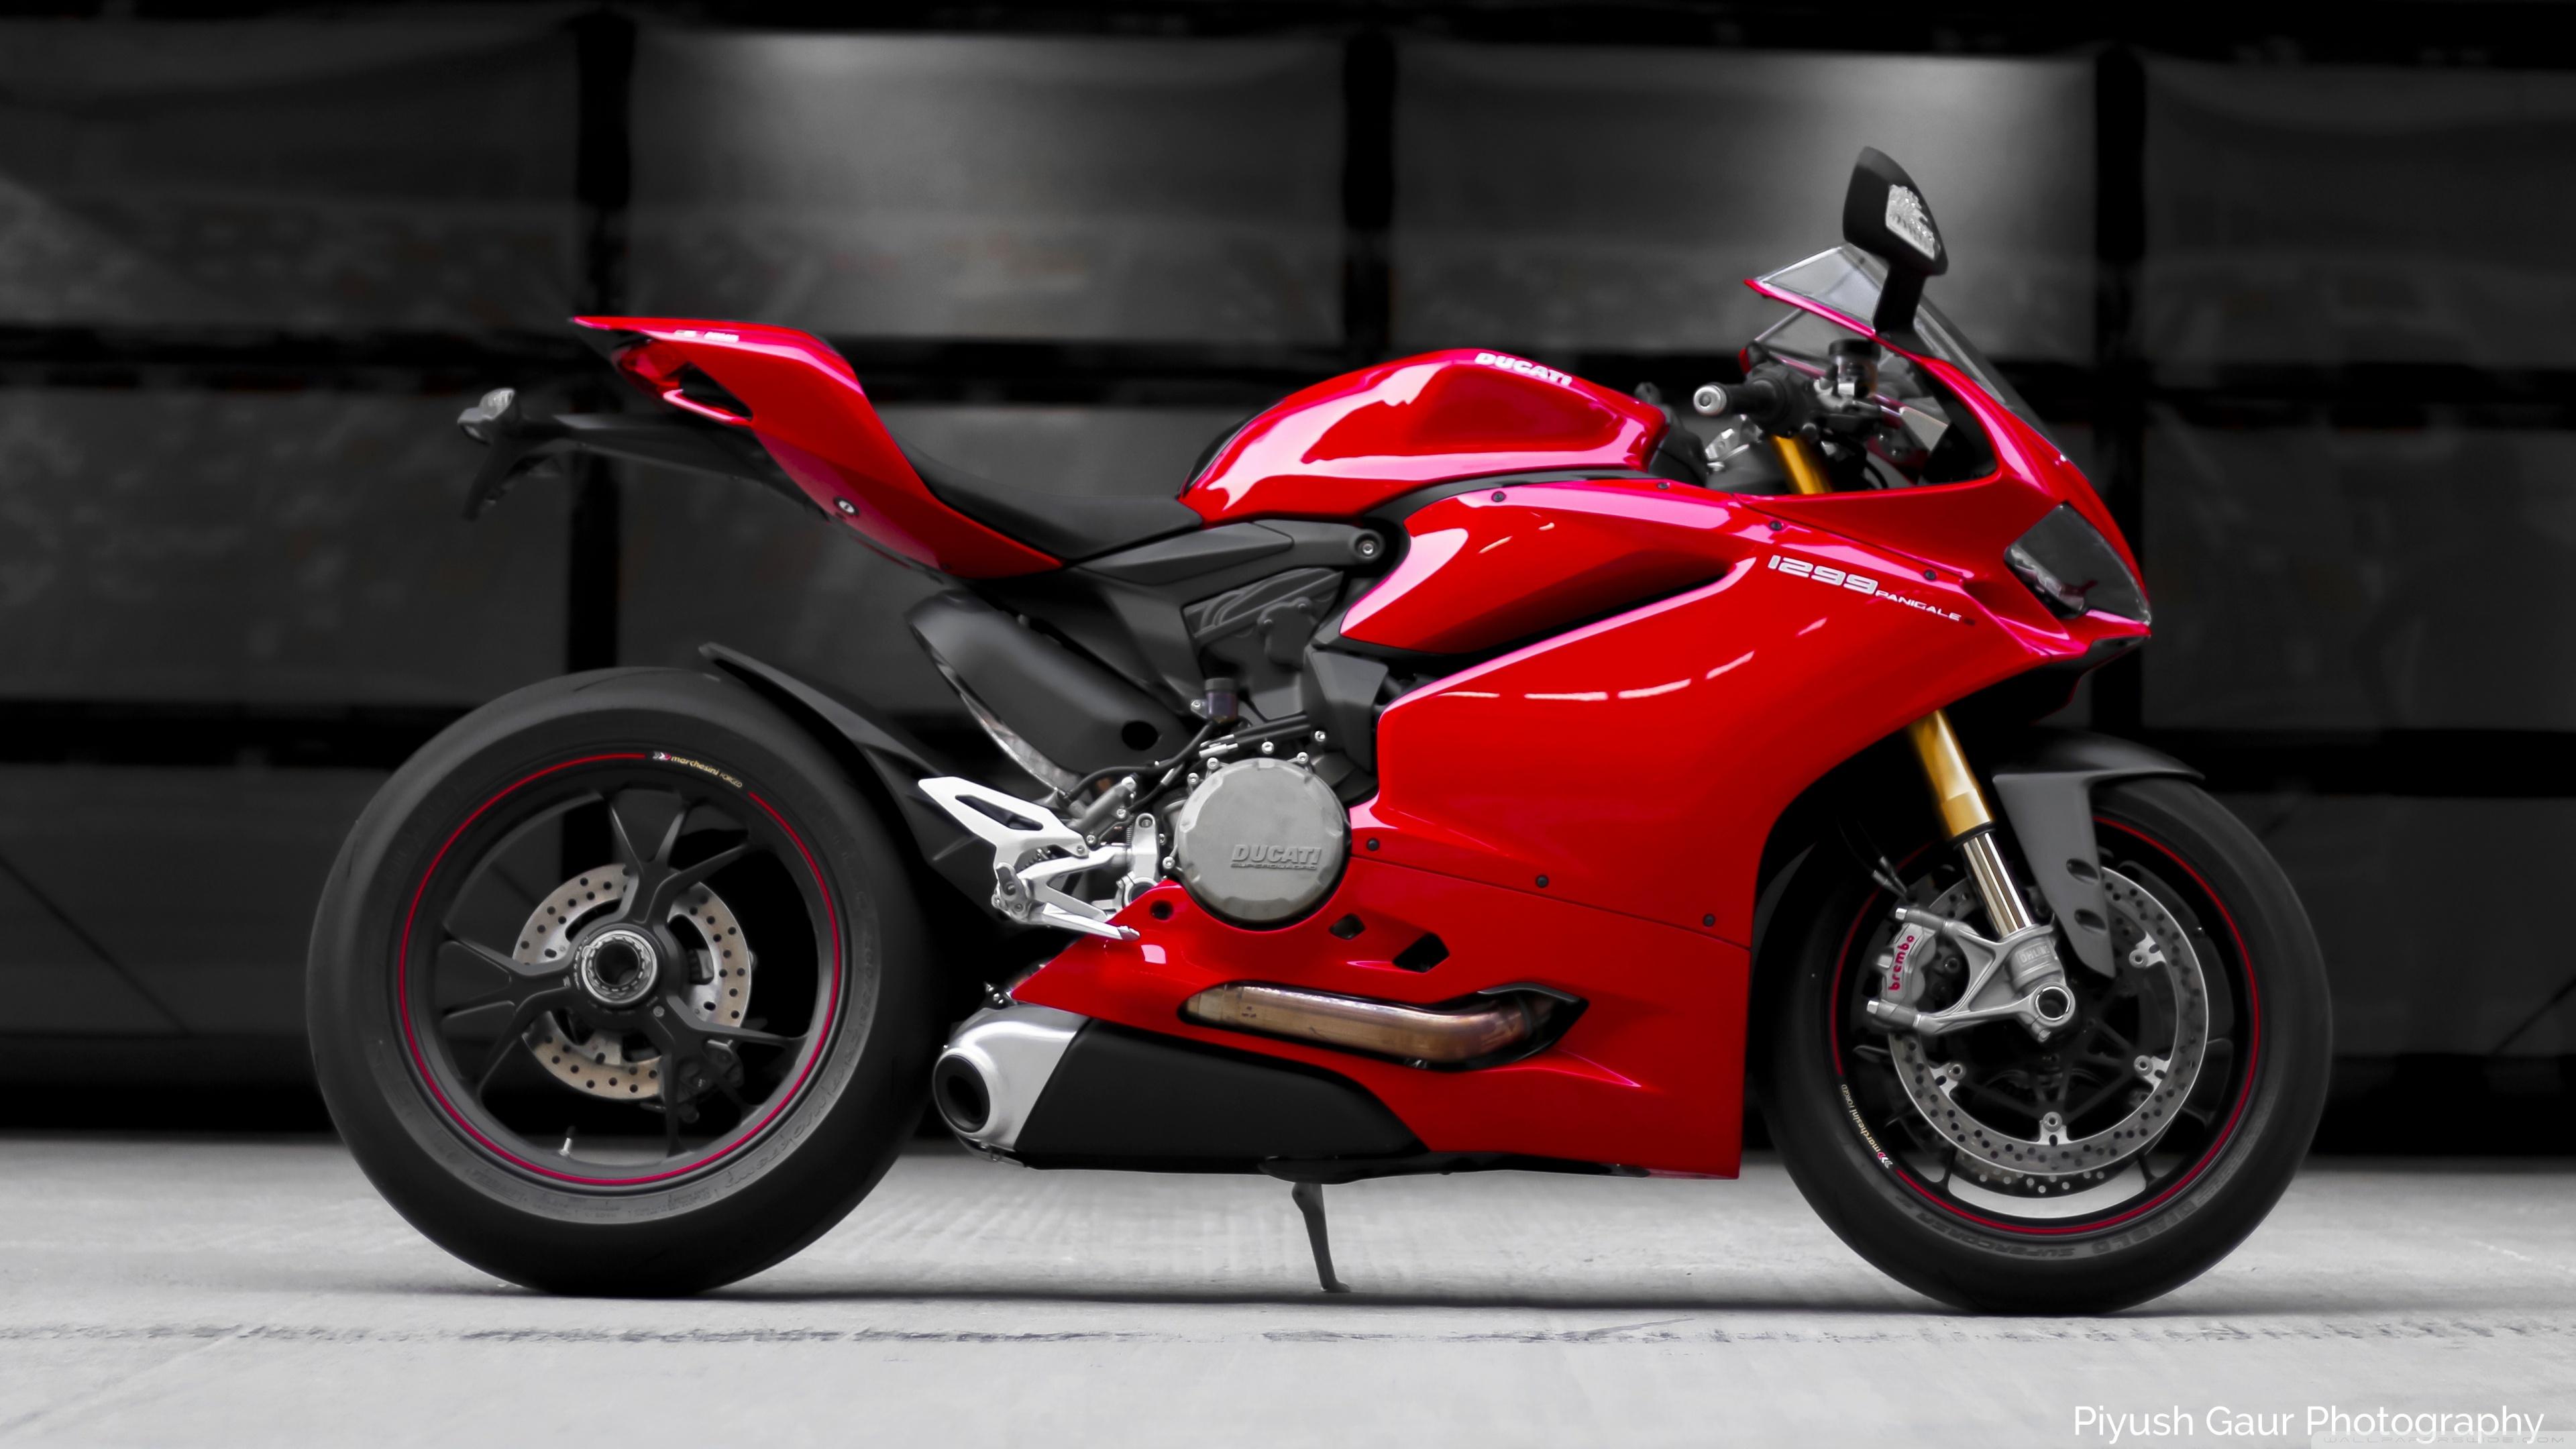 Ducati Panigale 1299S 4K HD Desktop Wallpaper for 4K Ultra HD 3840x2160